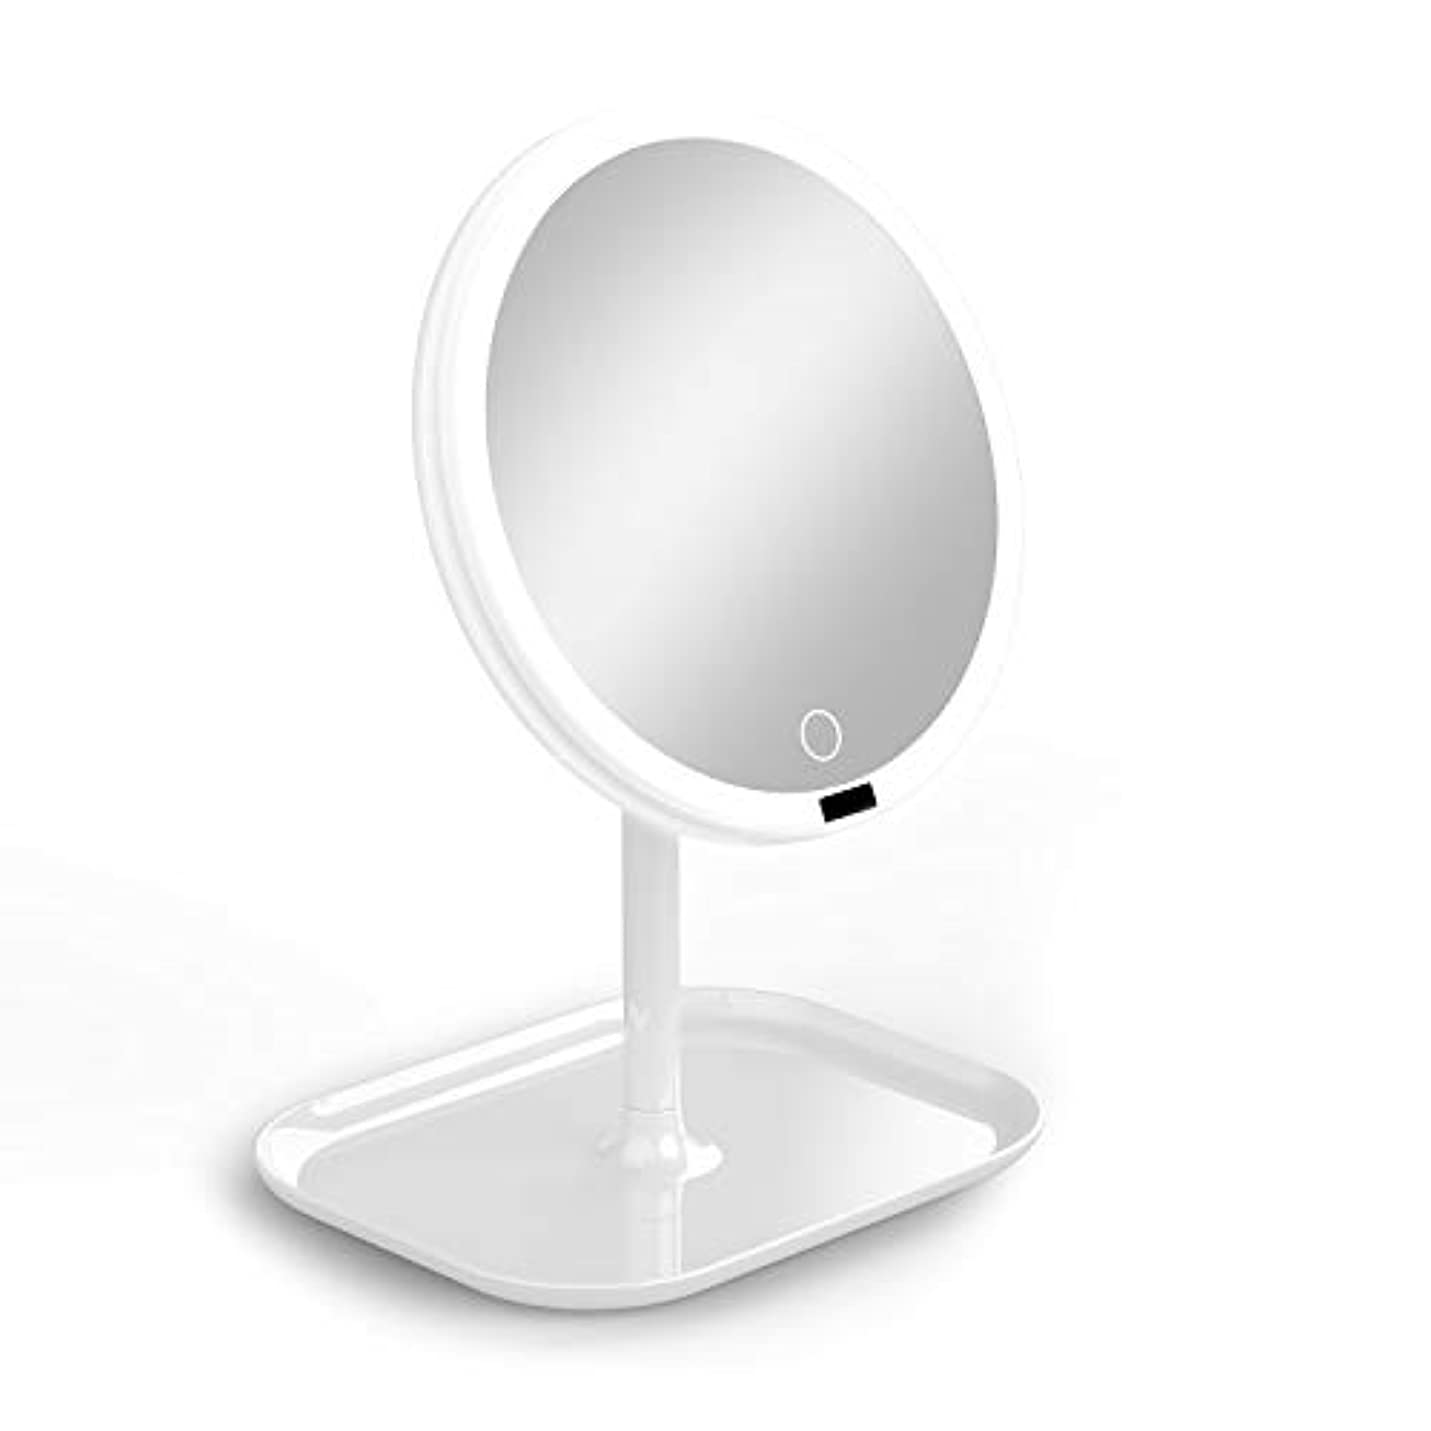 免疫私たち自身毒性La Farah 化粧鏡 化粧ミラー LEDライト付き 卓上鏡 女優ミラー 3段階明るさ調節可能 180度回転 コードレス 充電式 円型